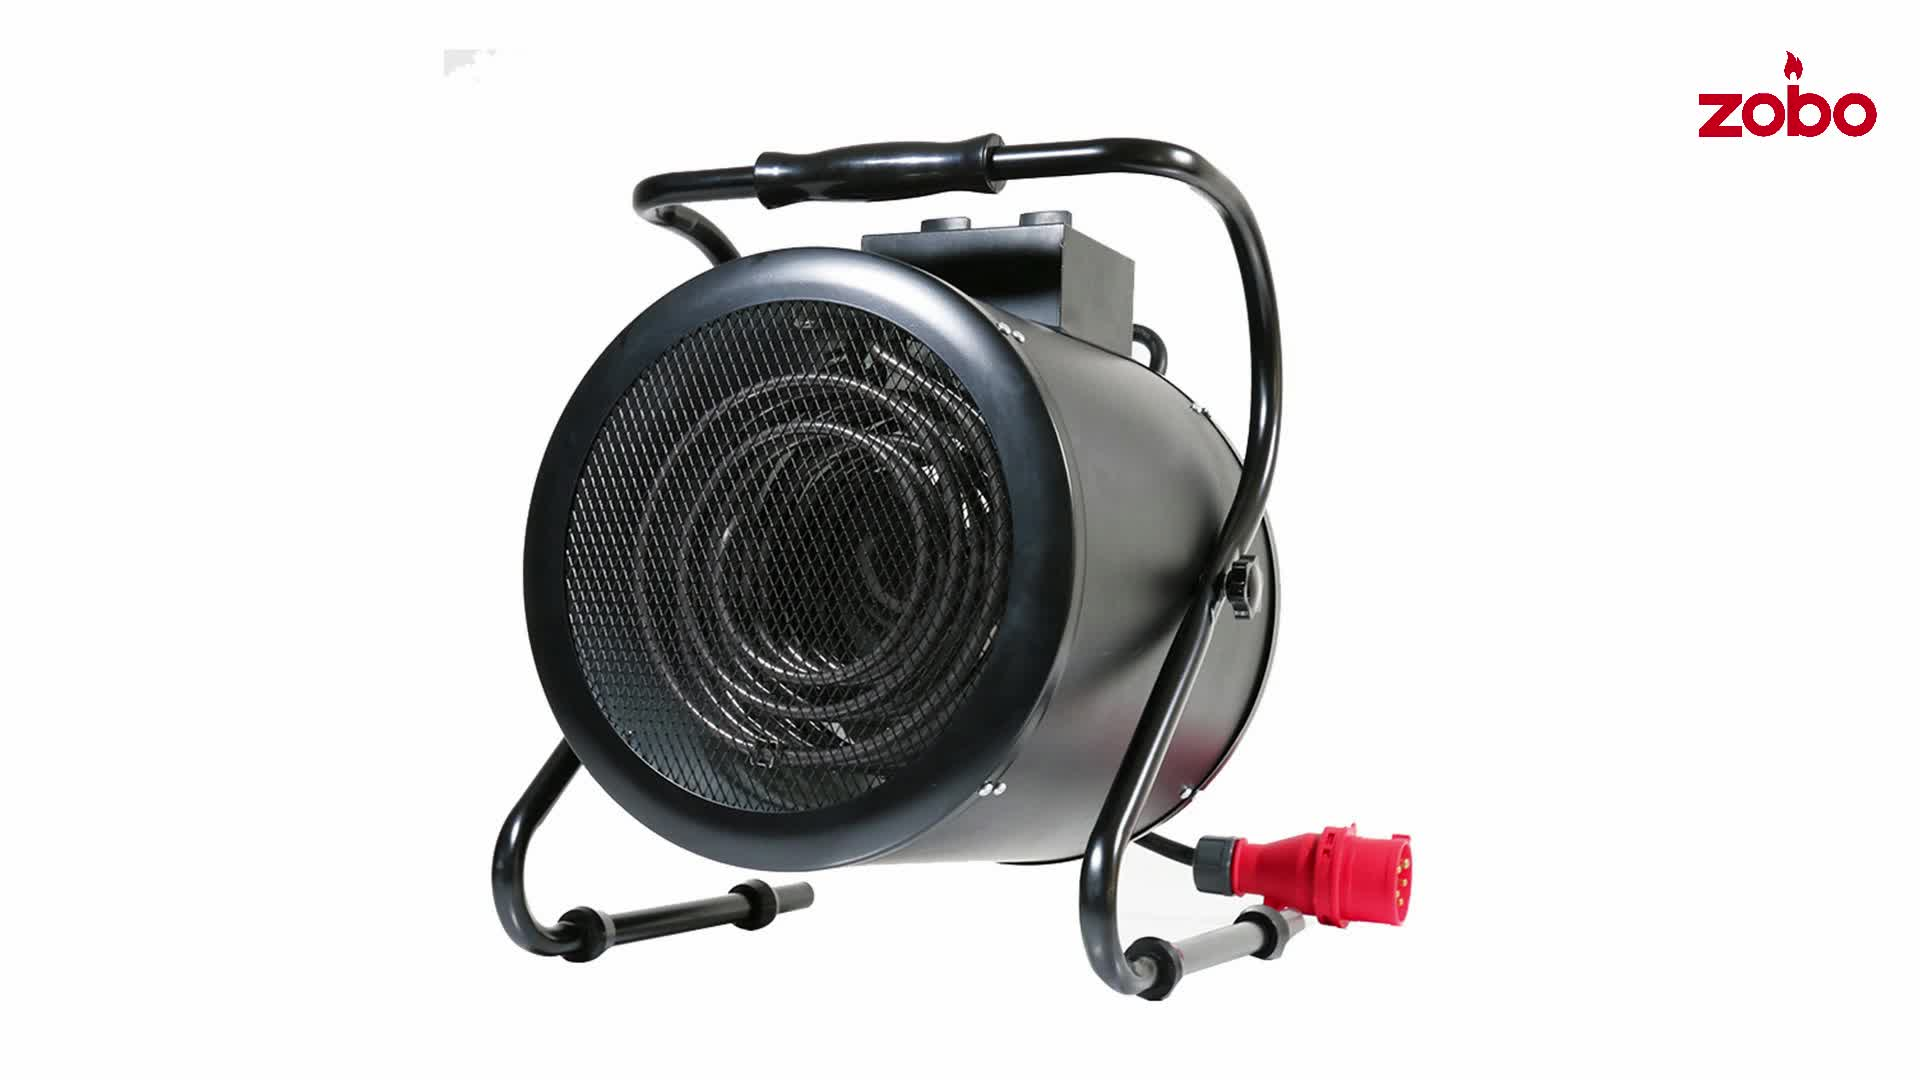 ماكس 9000 واط التدفئة الناتج تدفق الهواء الكبير المحمولة سخان مروحة كهربائية s heter سخان مروحة كهربائية مع حماية من الحرارة الزائدة